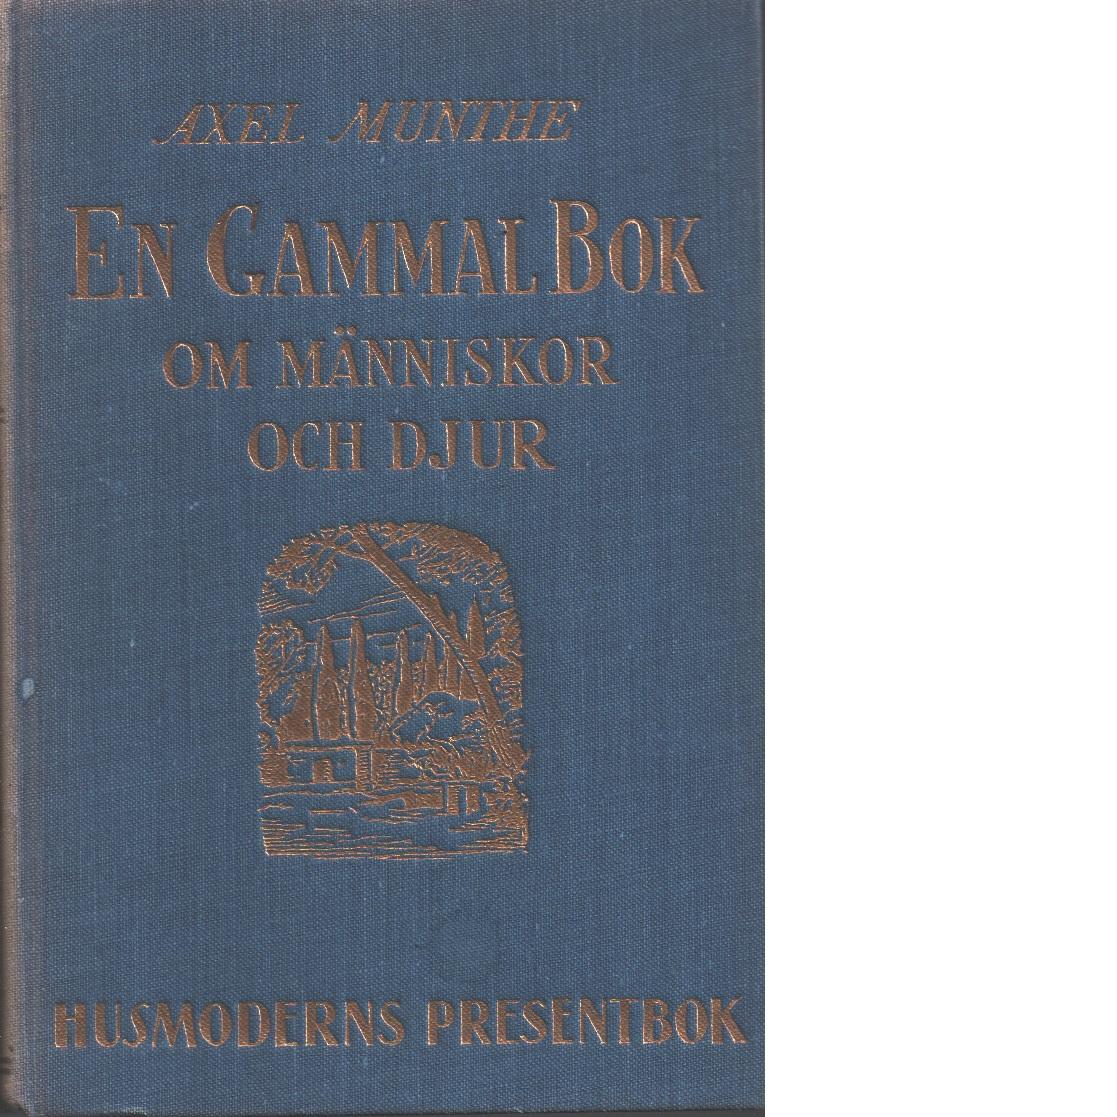 En gammal bok om människor och djur D 2 - Munthe, Axel